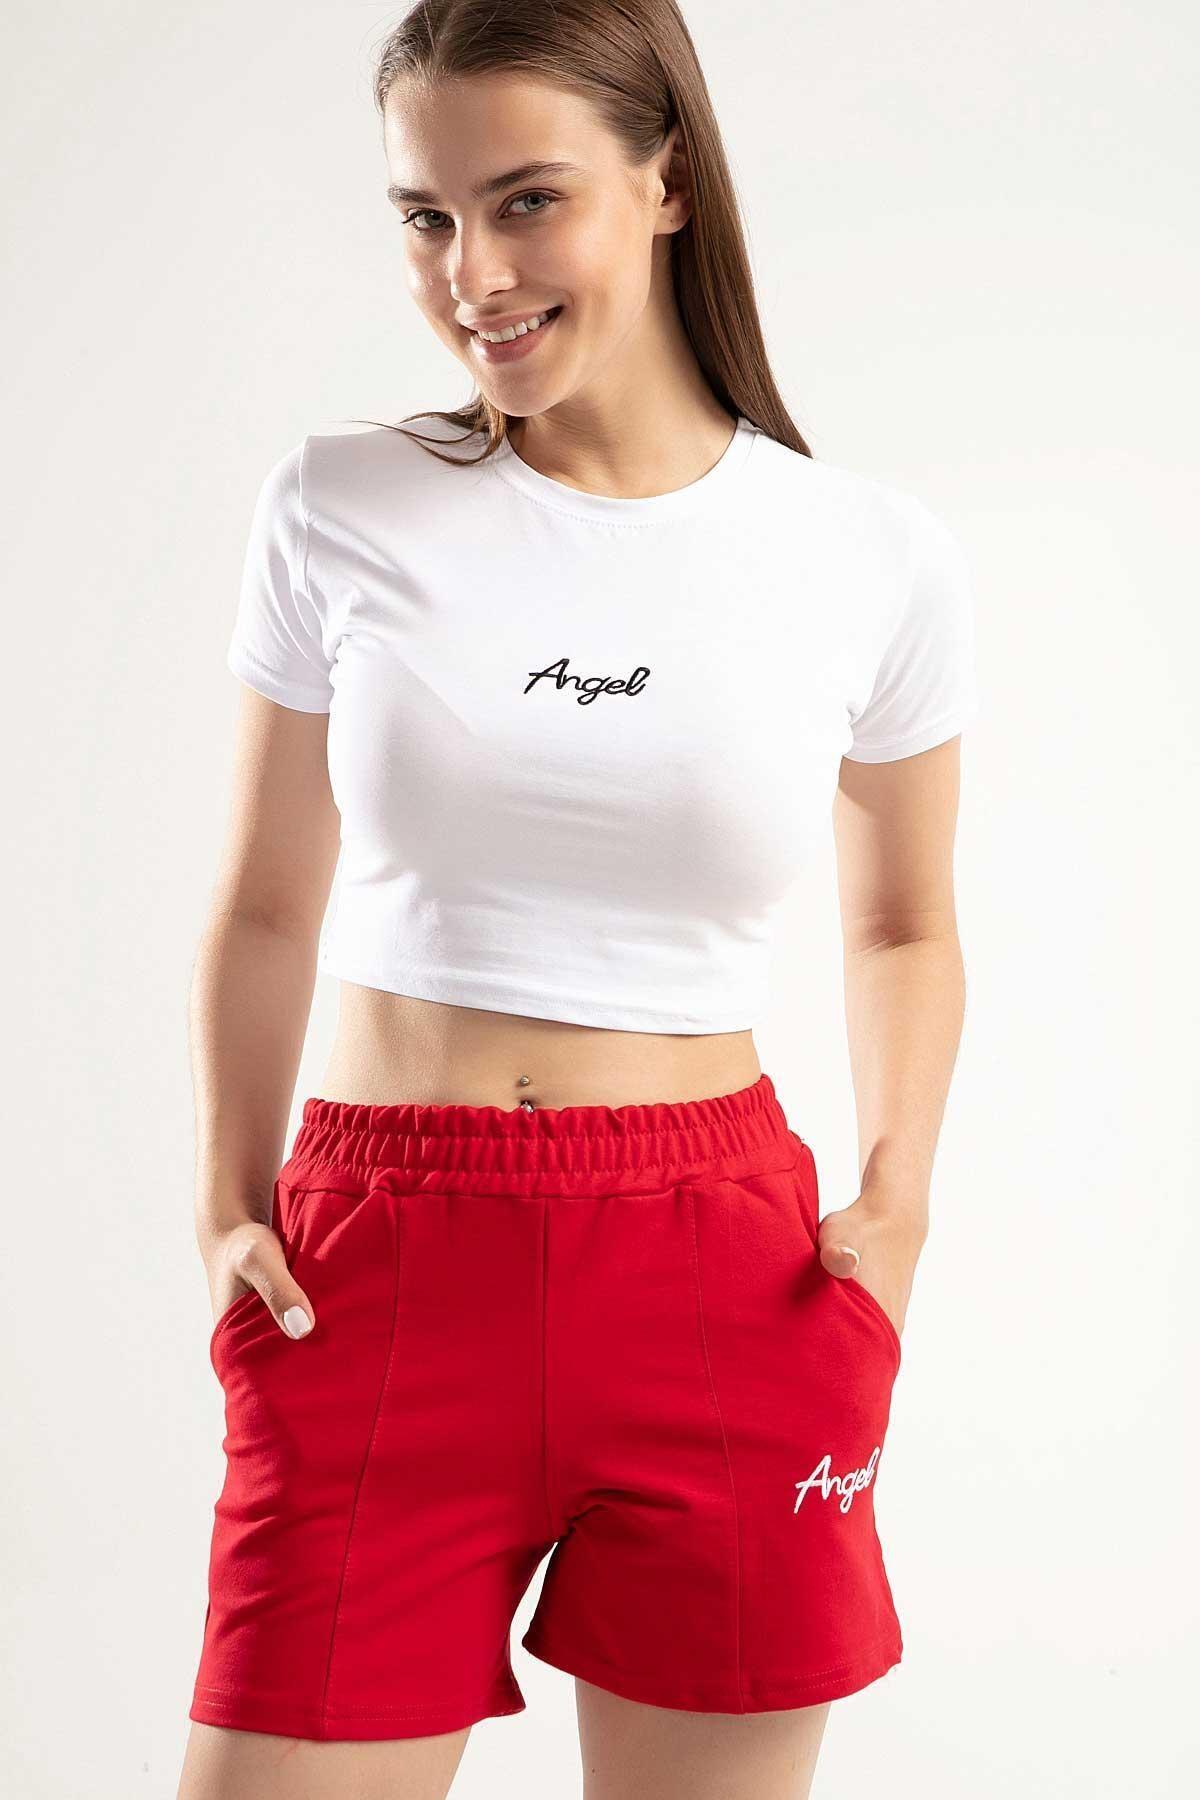 Y-London Kadın Kırmızı Angel Nakışlı Crop İkili Şortlu Takım Y20S151-1504 1